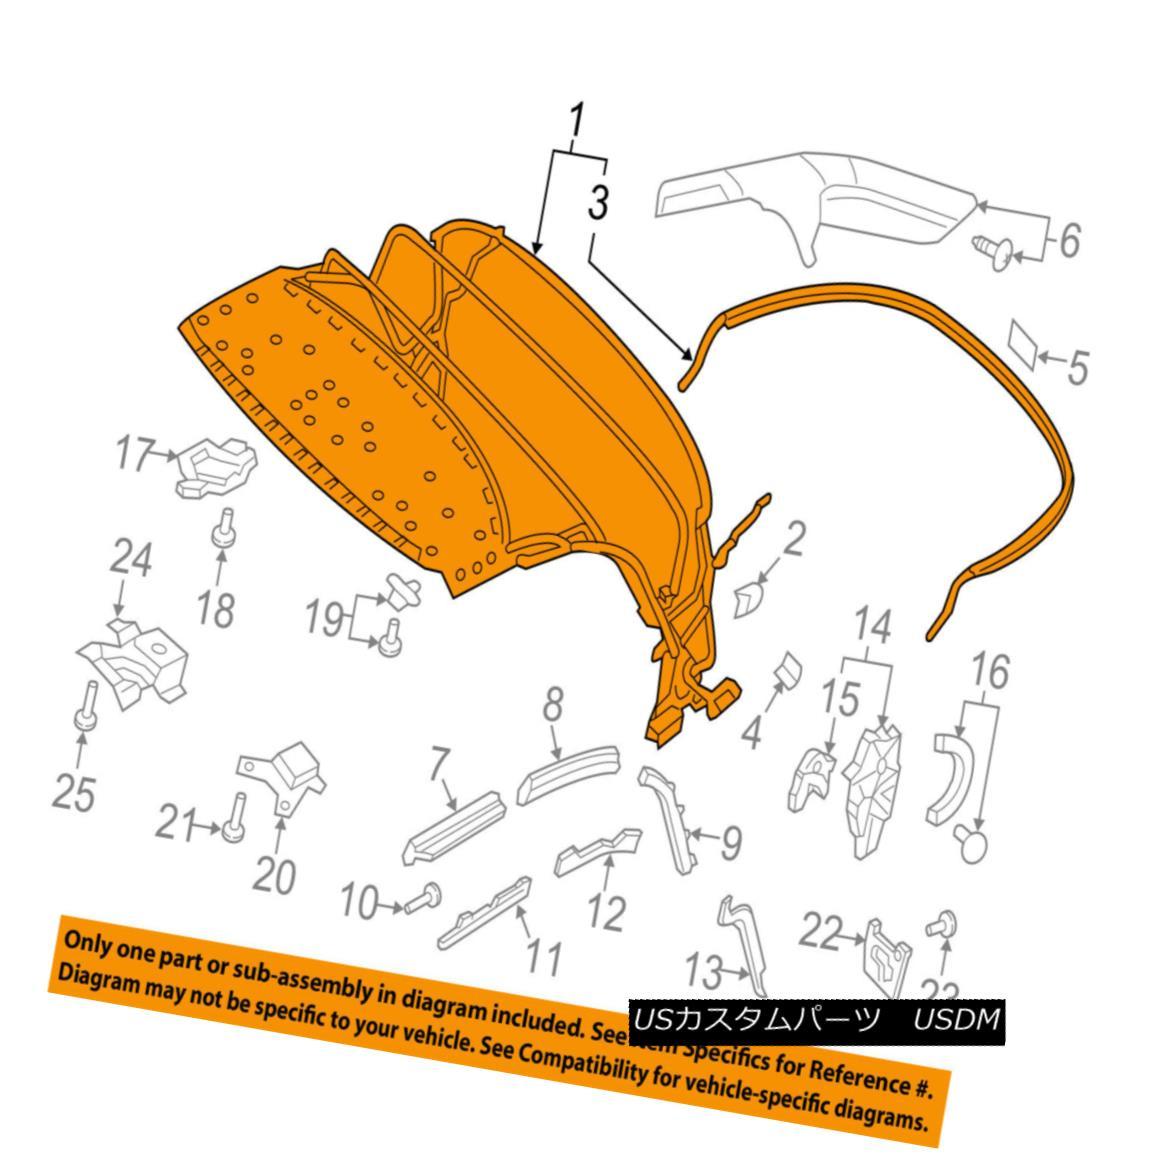 幌・ソフトトップ AUDI OEM 16-17 TT Quattro Convertible/soft Top-Top Frame 8S7871025 AUDI OEM 16-17 TT Quattro Convertible / so ftトップトップフレーム8S7871025